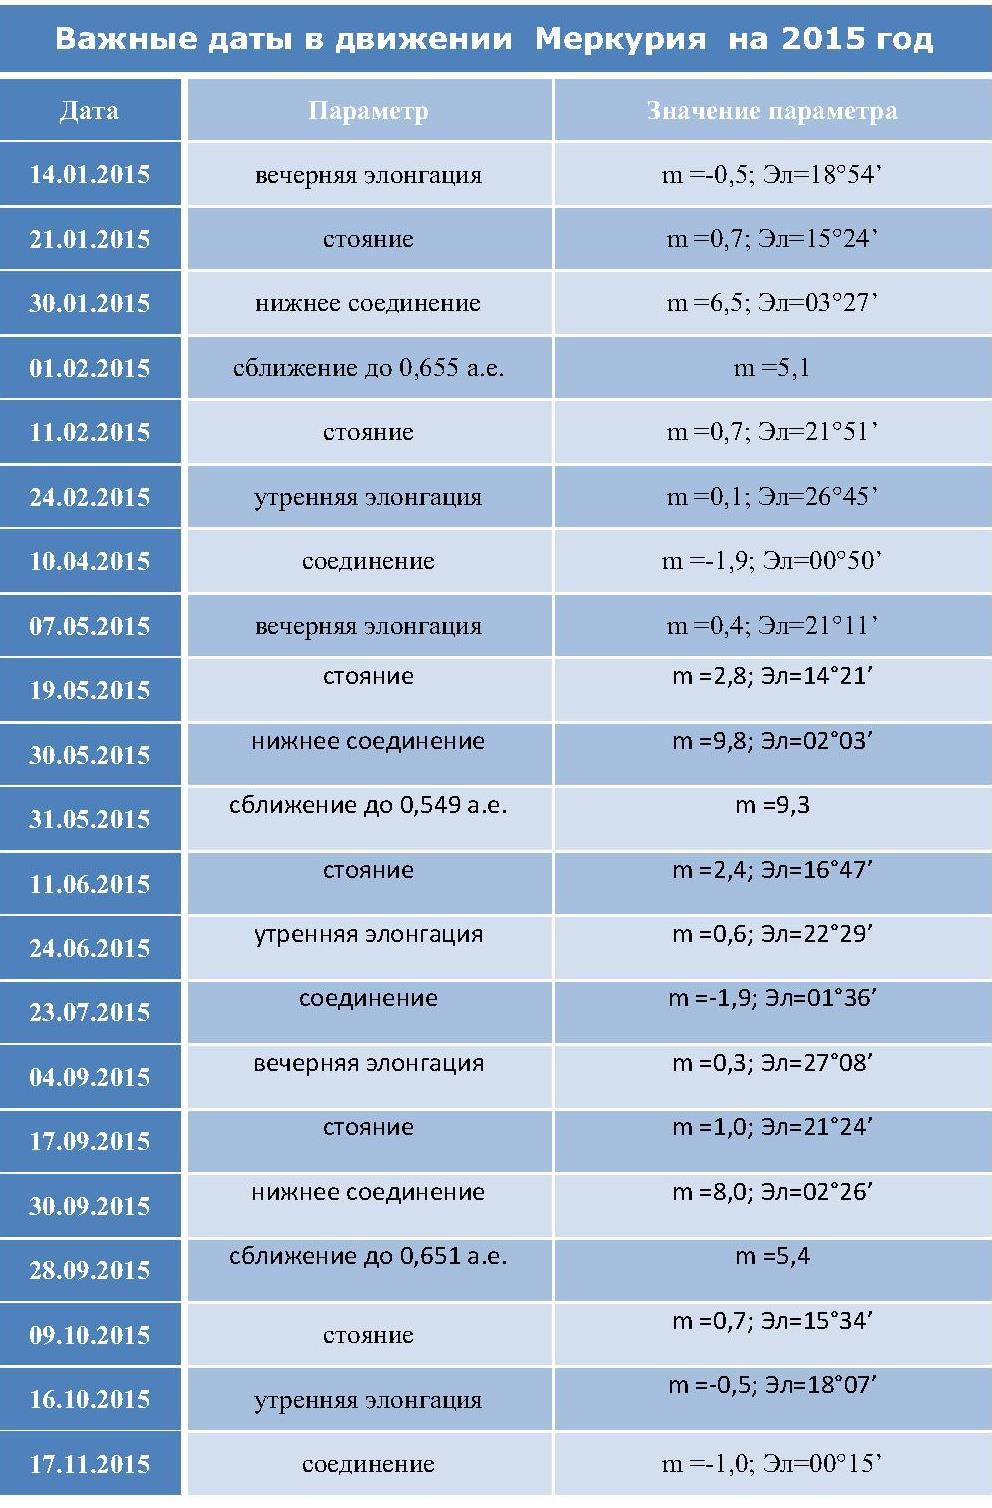 даты в движении Меркурия на 2015 год 1 - Параметры движения Меркурия в 2015 году